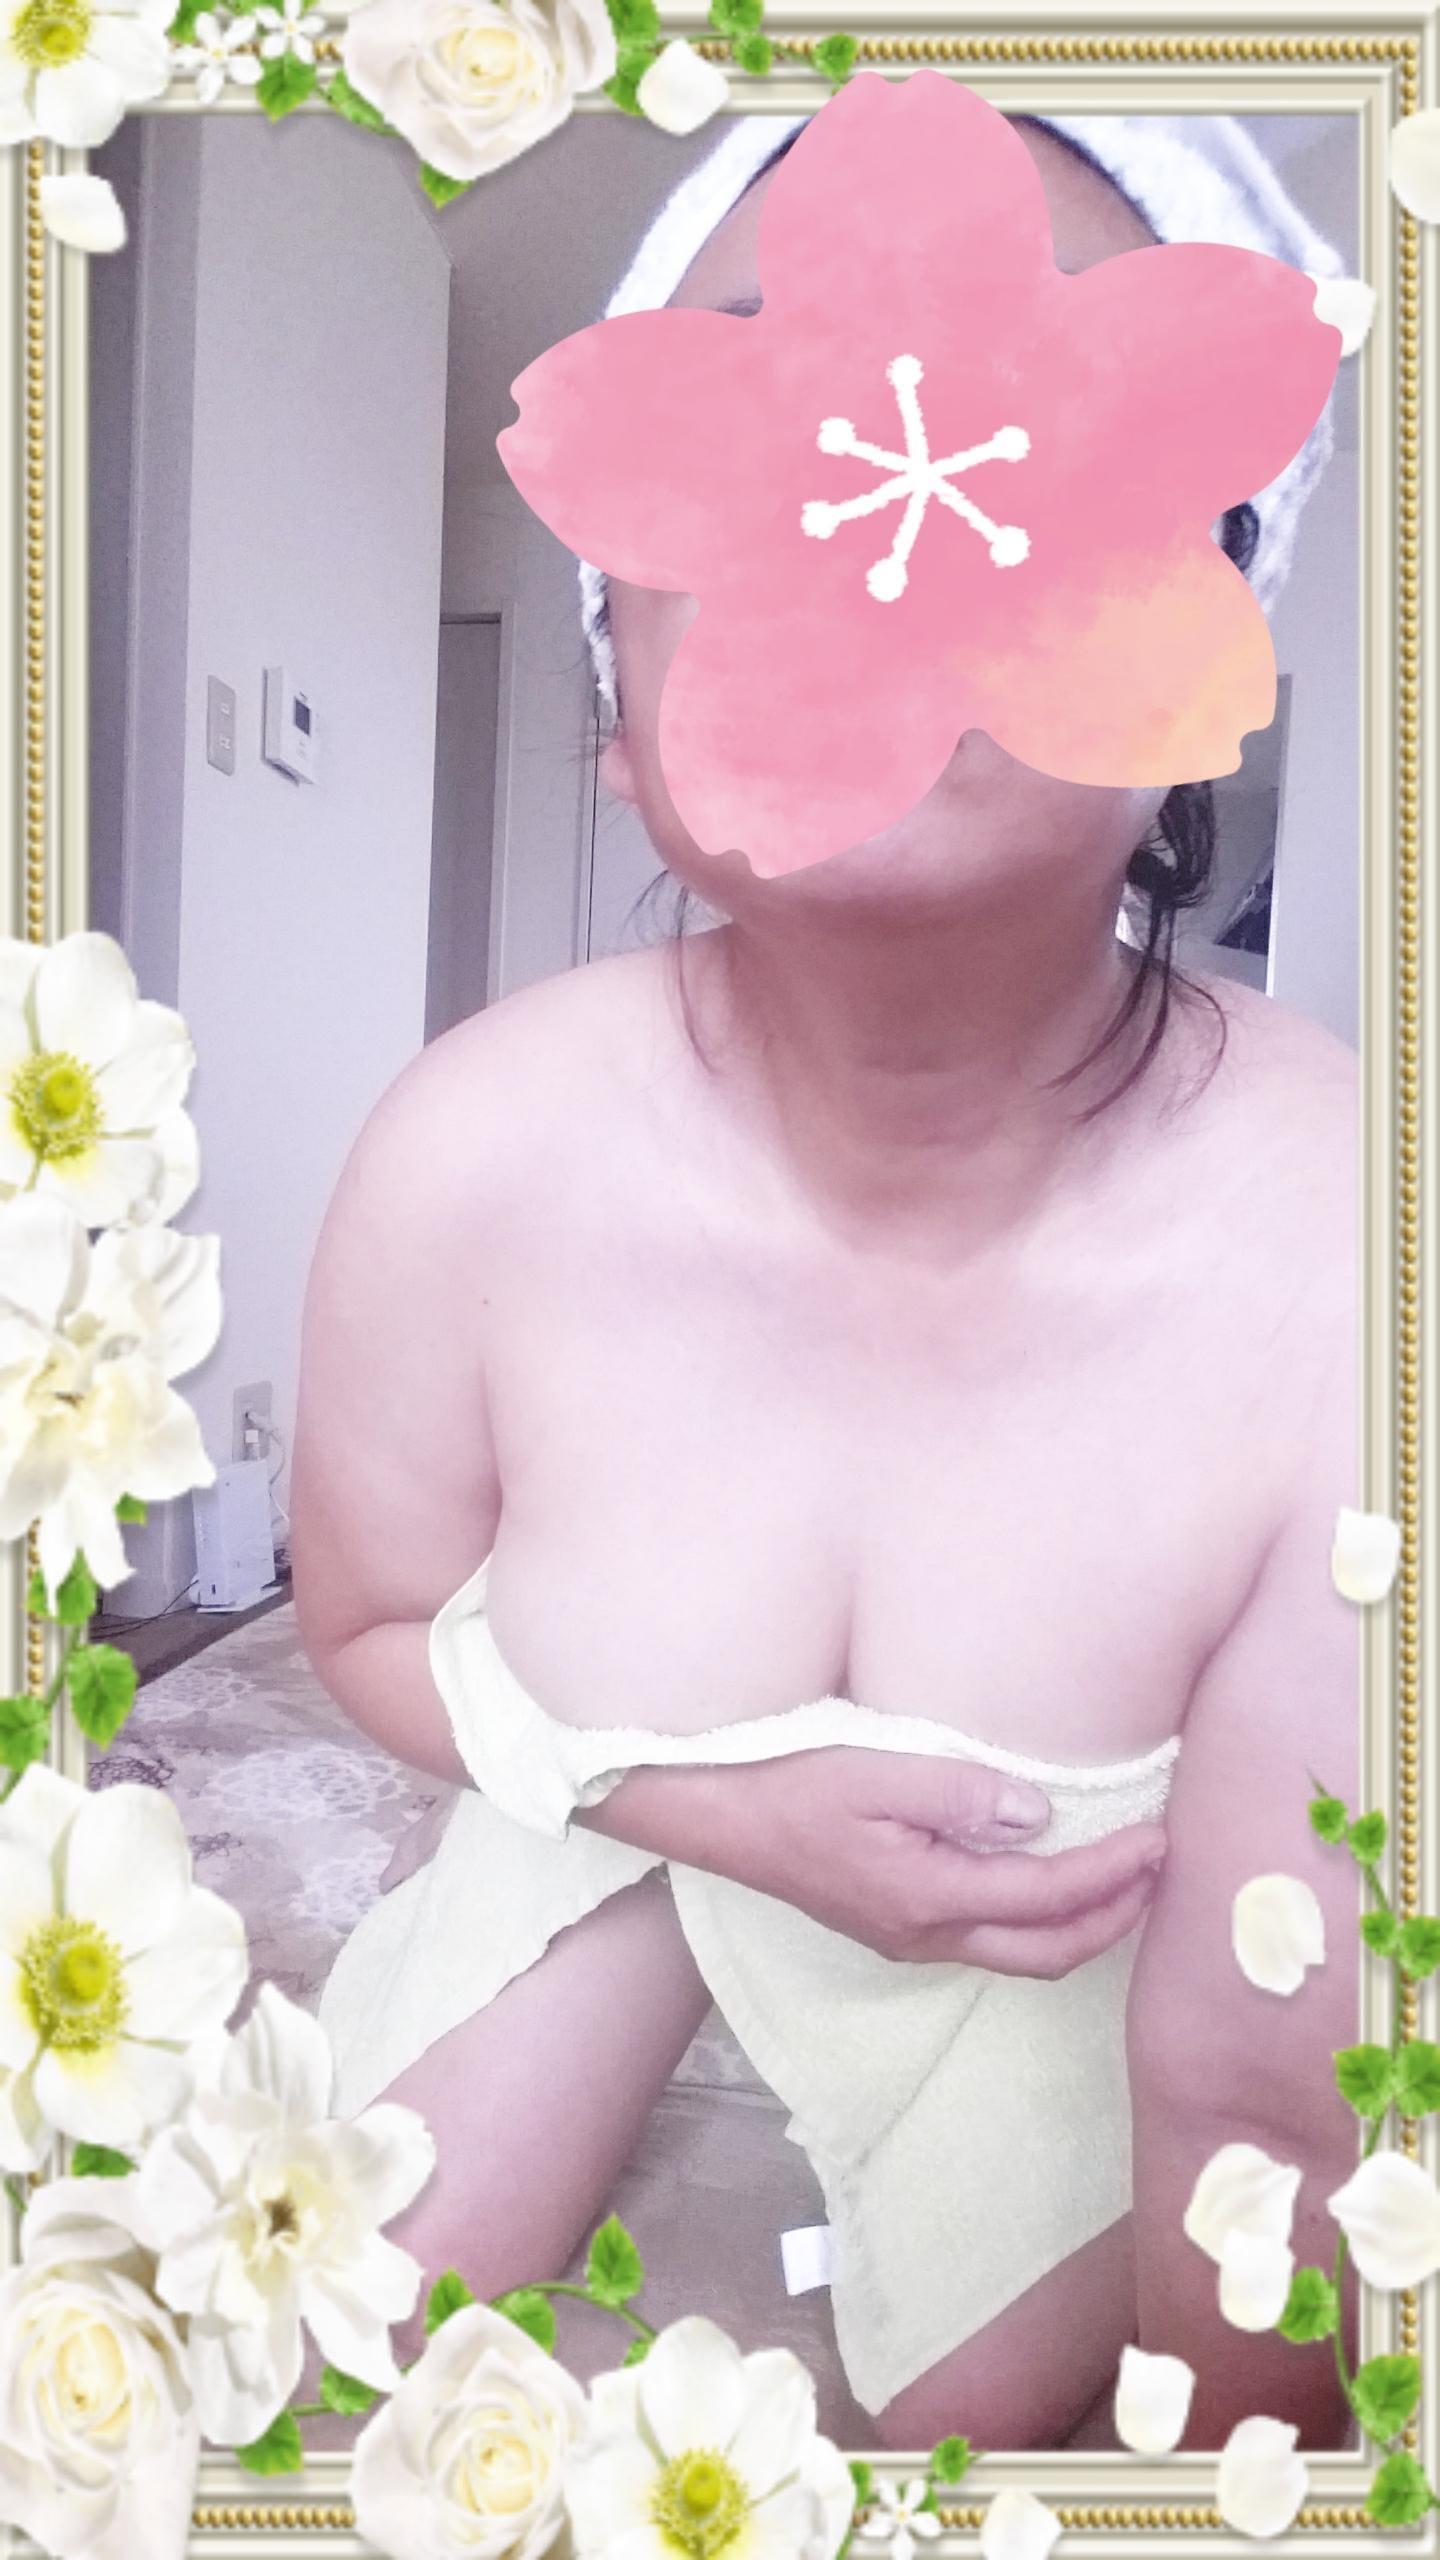 「コメントのお返事です」10/23(火) 18:44 | 有坂ゆかりの写メ・風俗動画